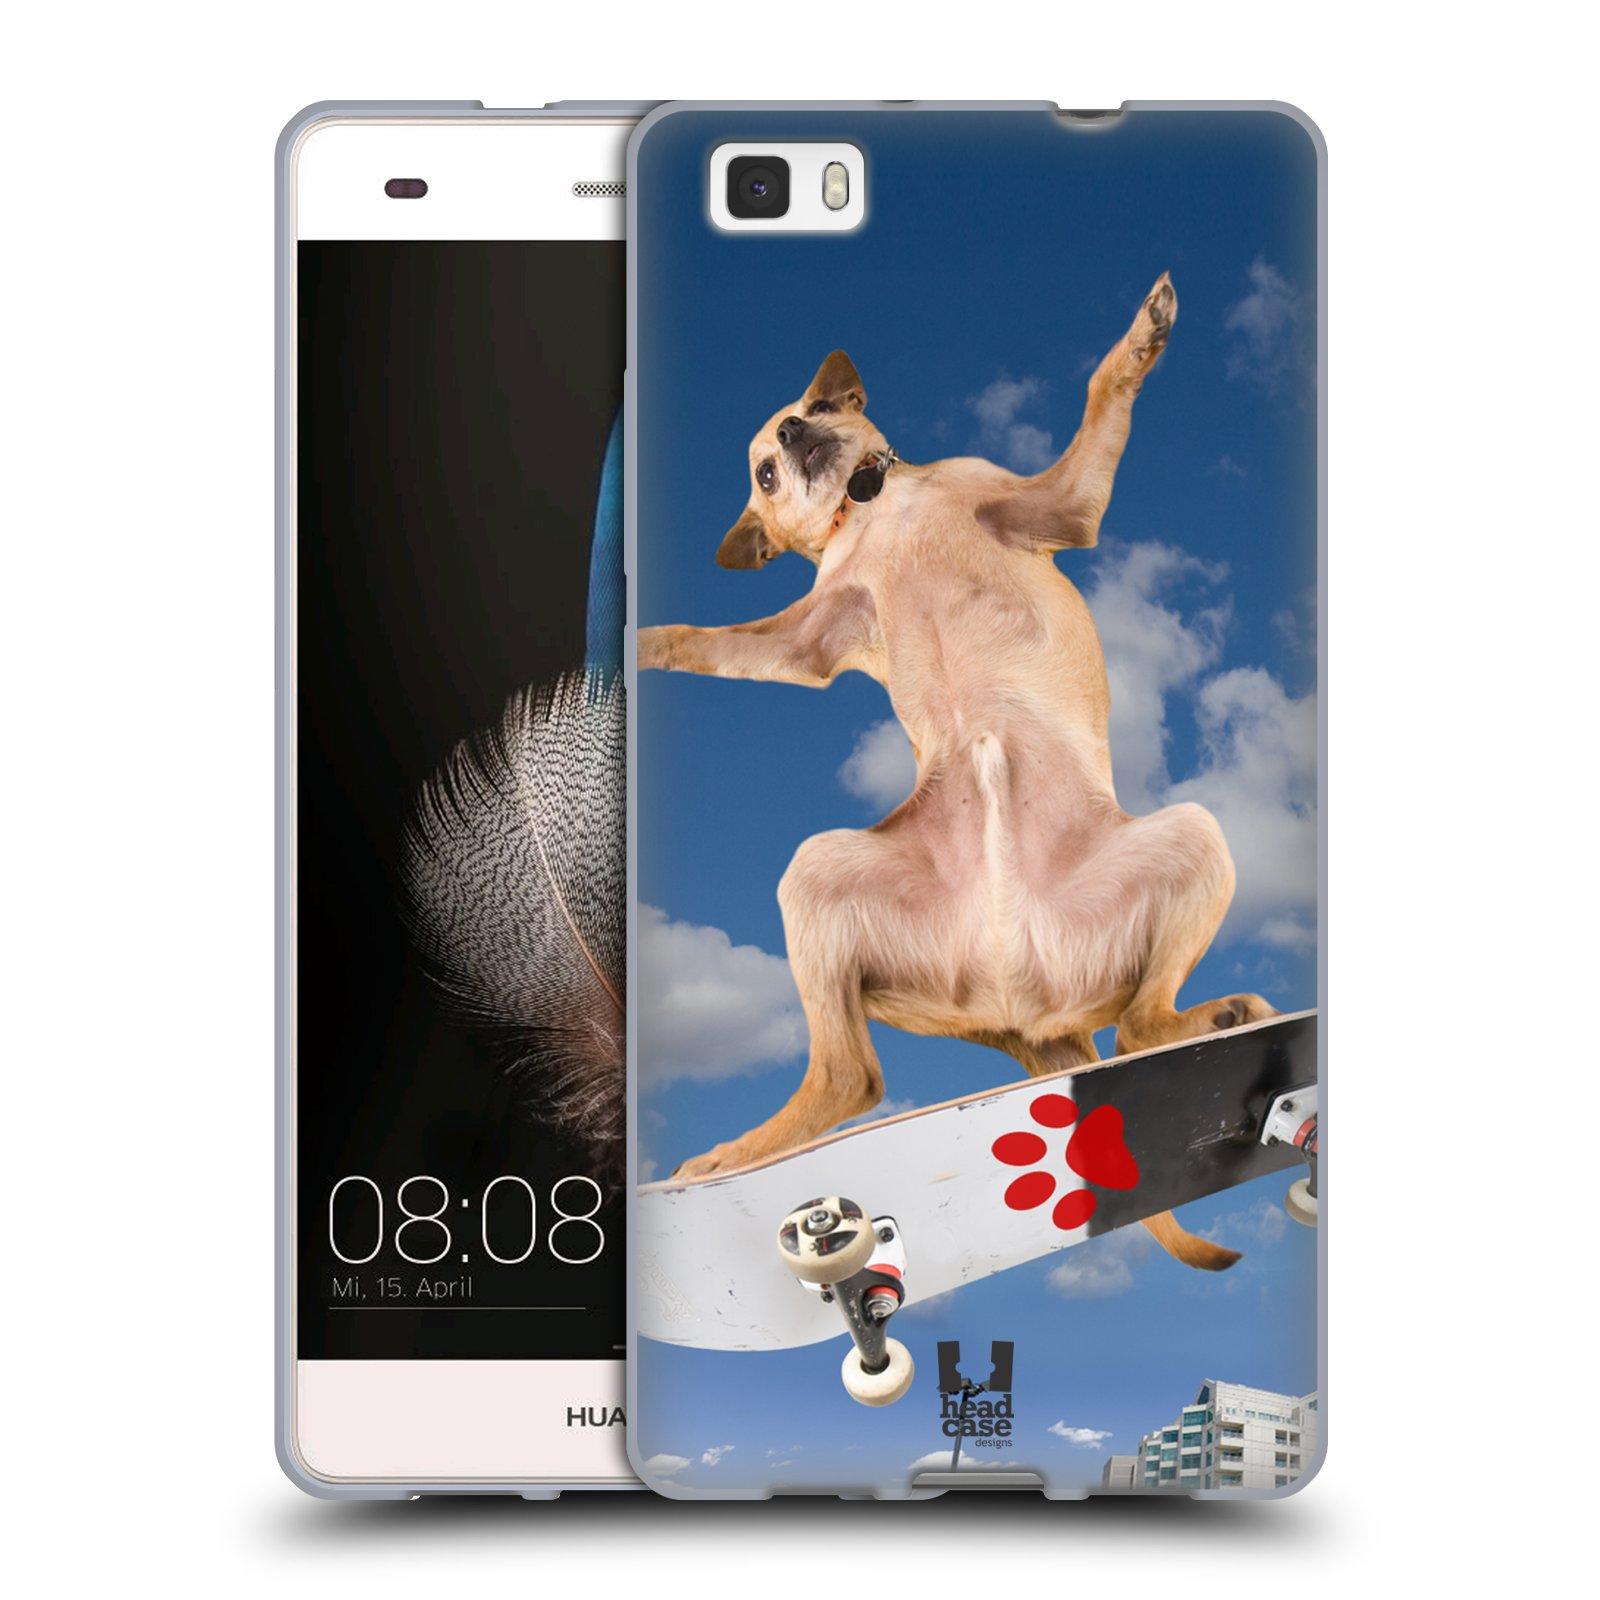 HEAD CASE silikonový obal na mobil Huawei  P8 LITE Legrační zvířátka pejsek na skateboardu